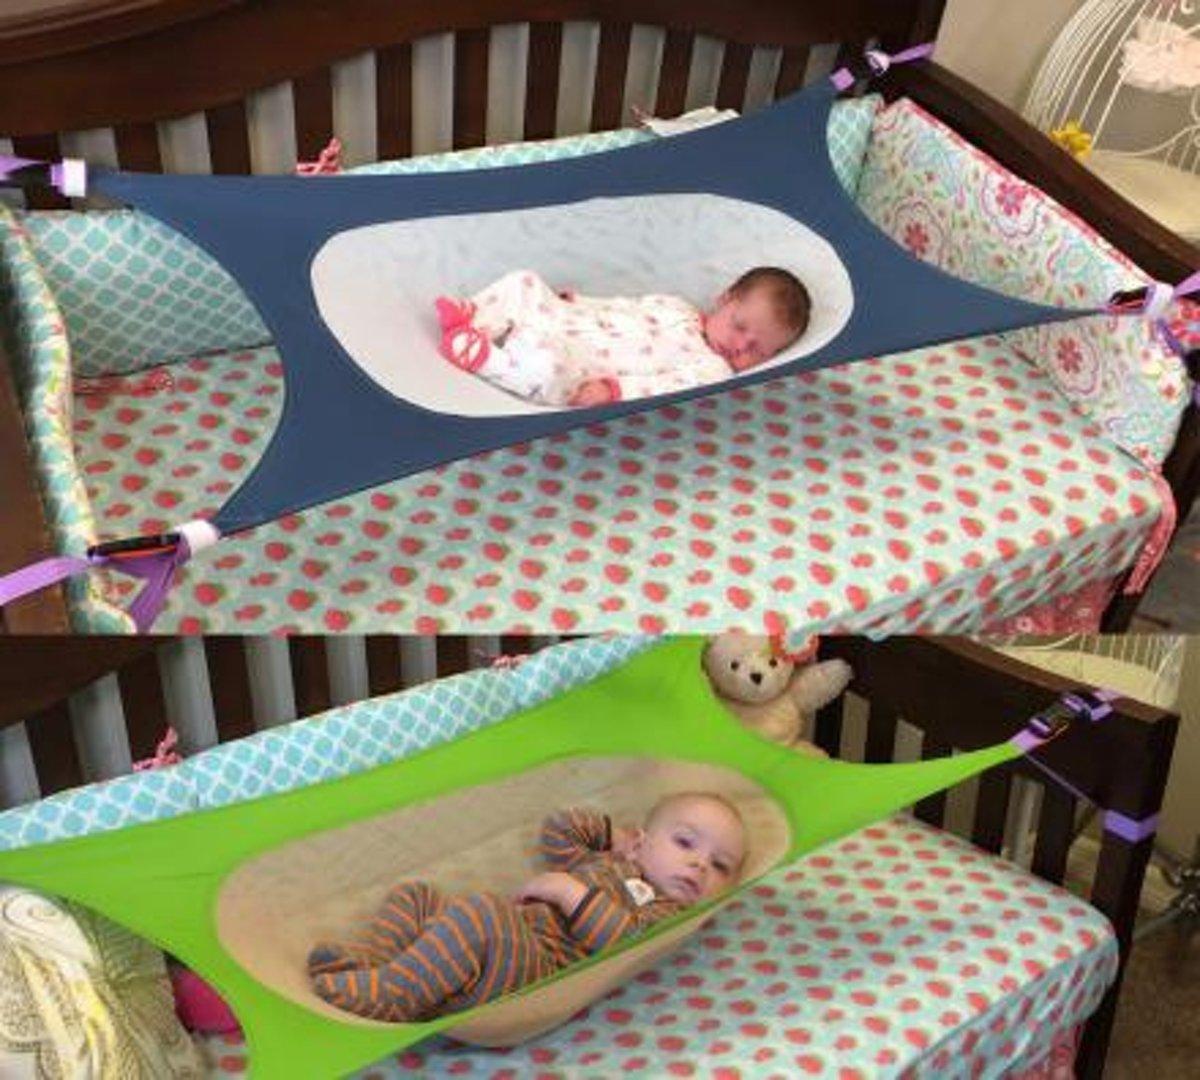 Hangmat In Box.Baby Hangmat Grijs Wit Elastisch Voor In De Box Of Bedje